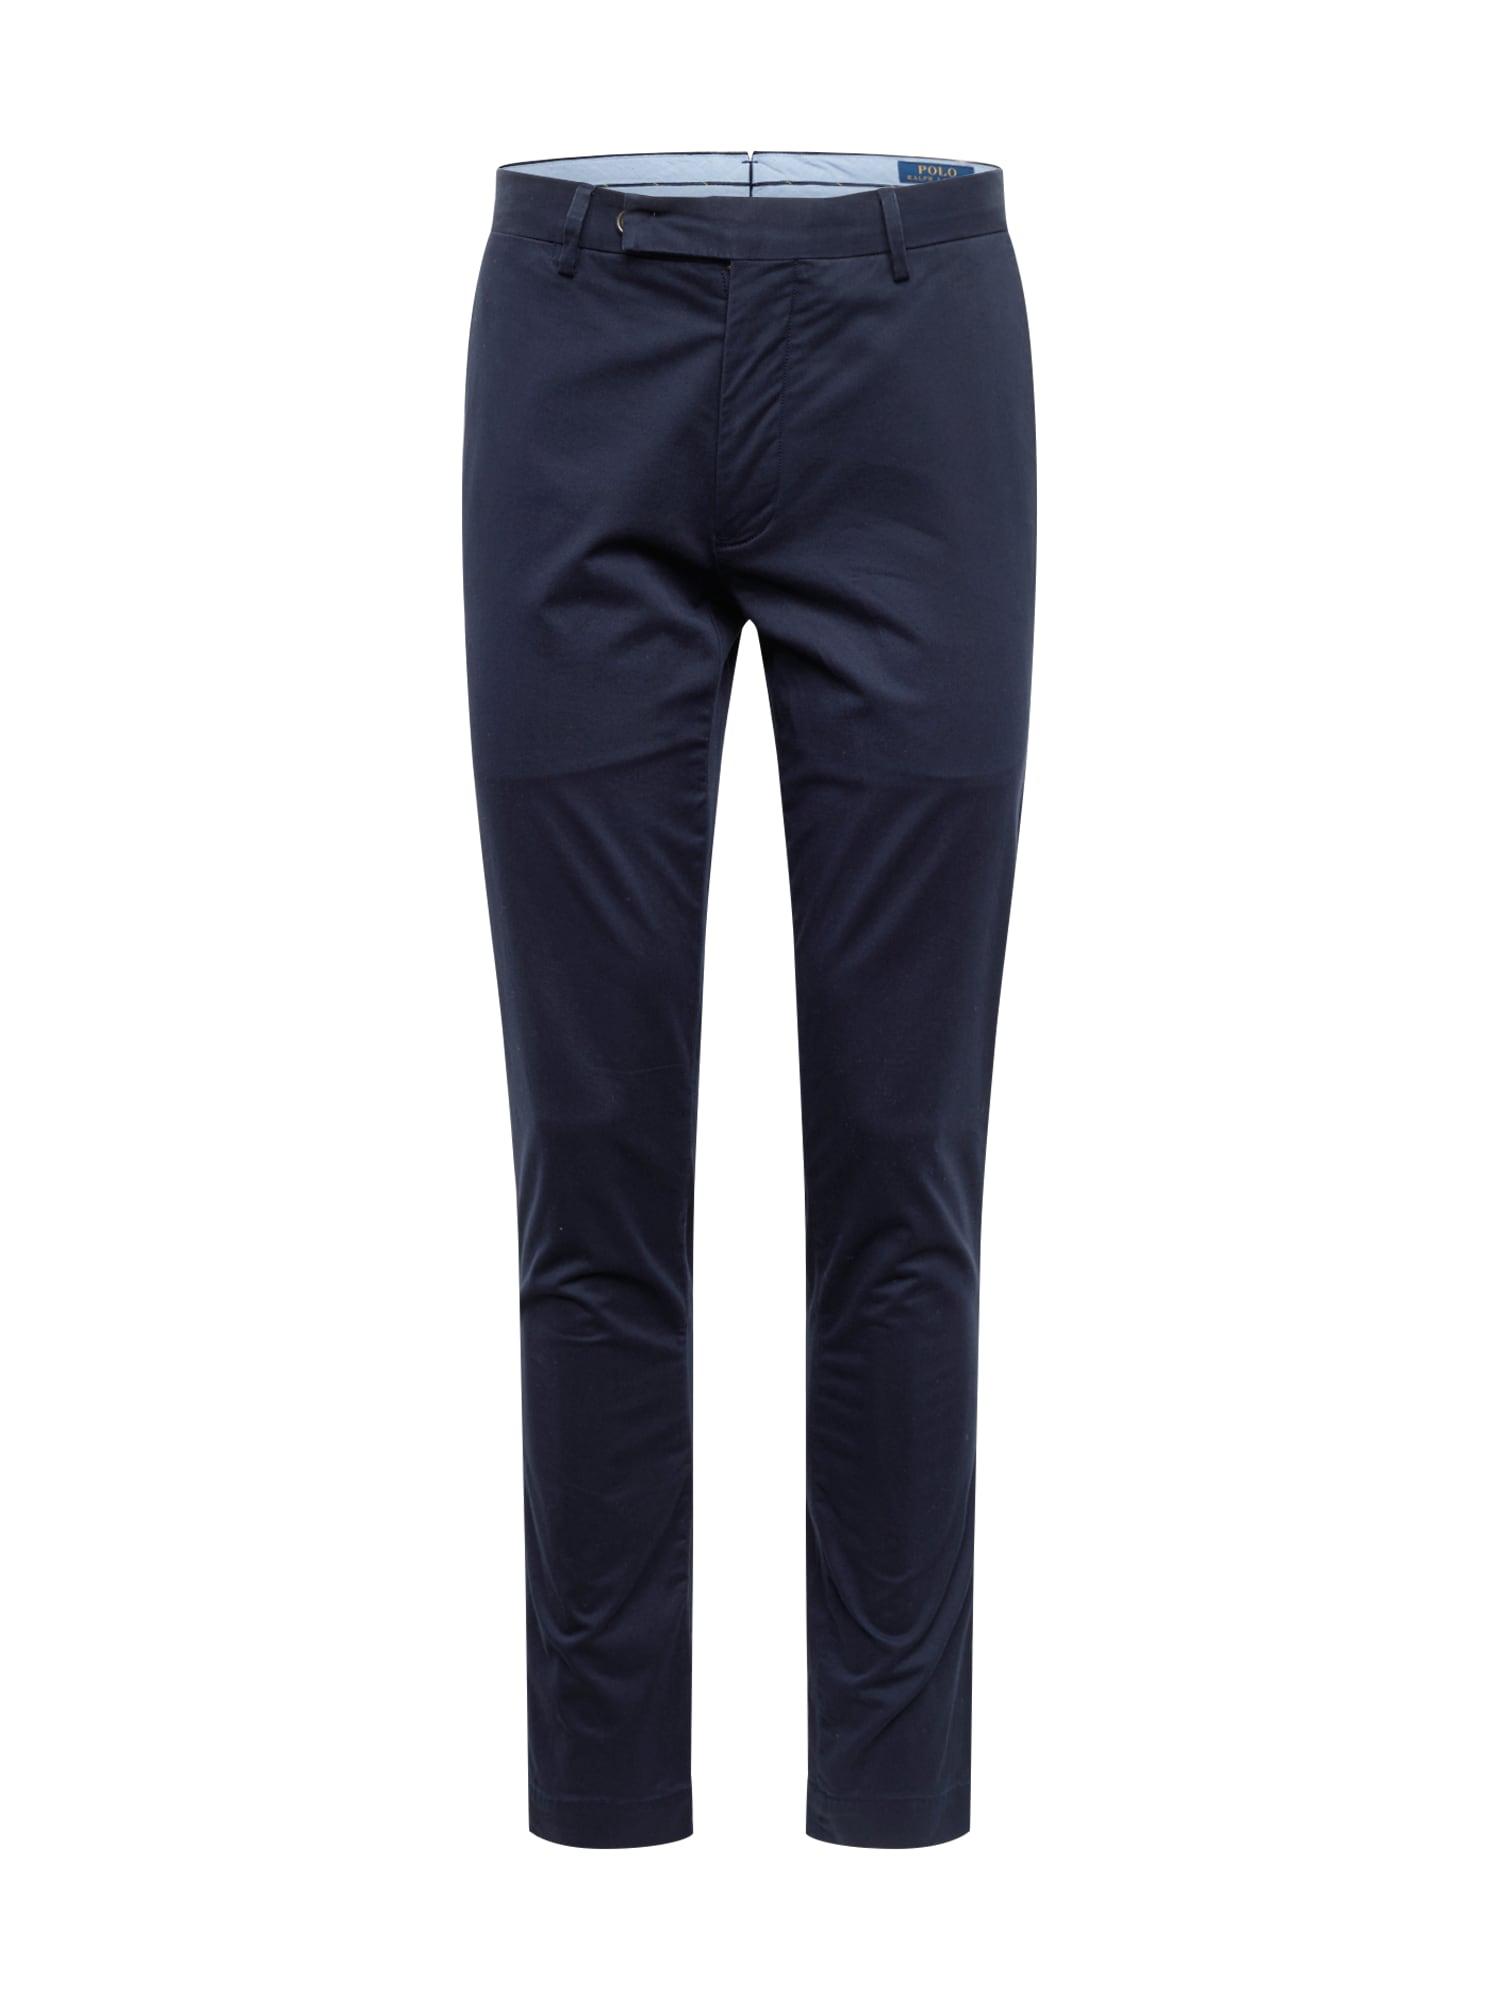 POLO RALPH LAUREN Chino nohavice 'TSLFHDNP-FLAT-PANT'  námornícka modrá